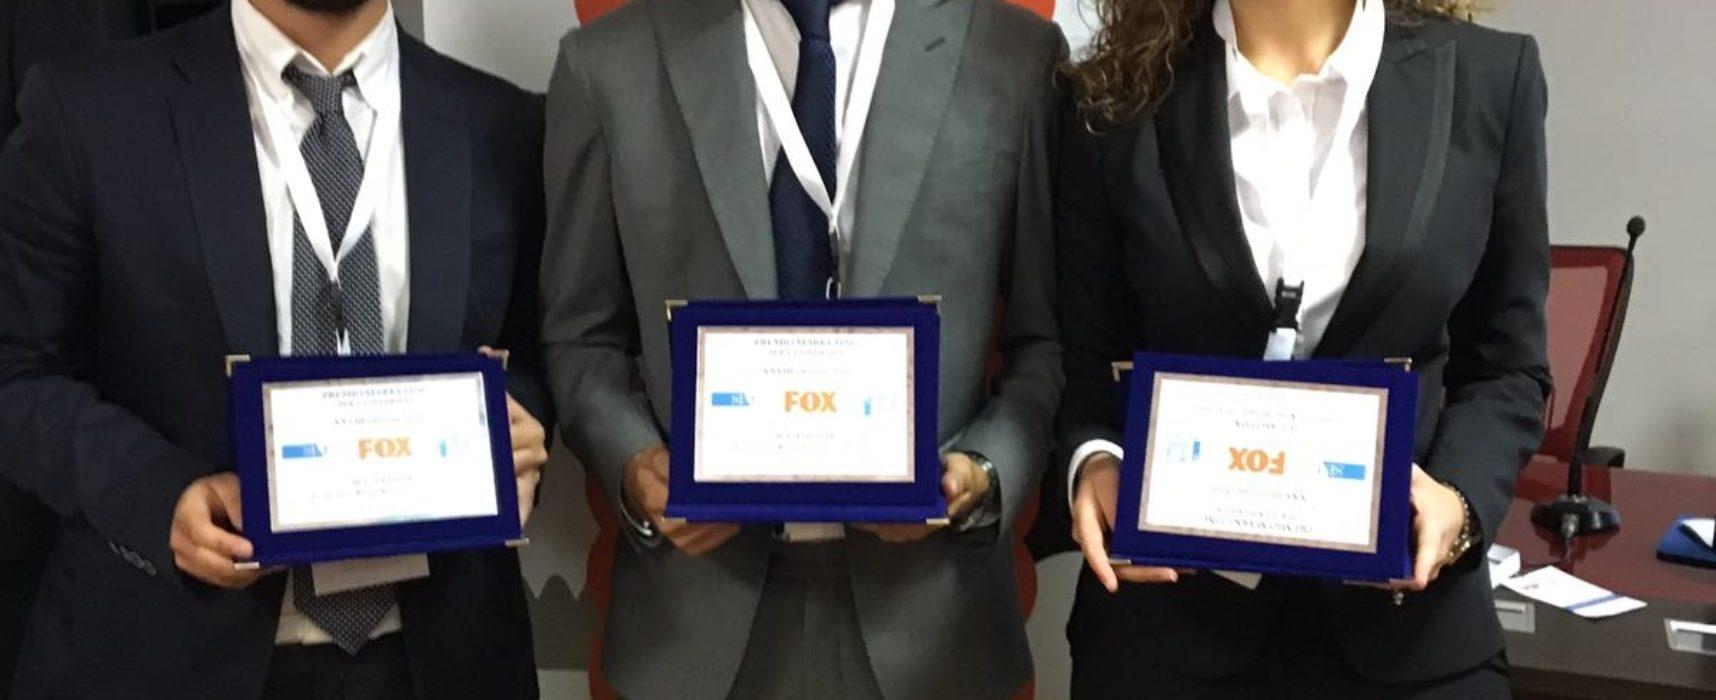 PREMIO MARKETING FOX, vincitori tre studenti SUN